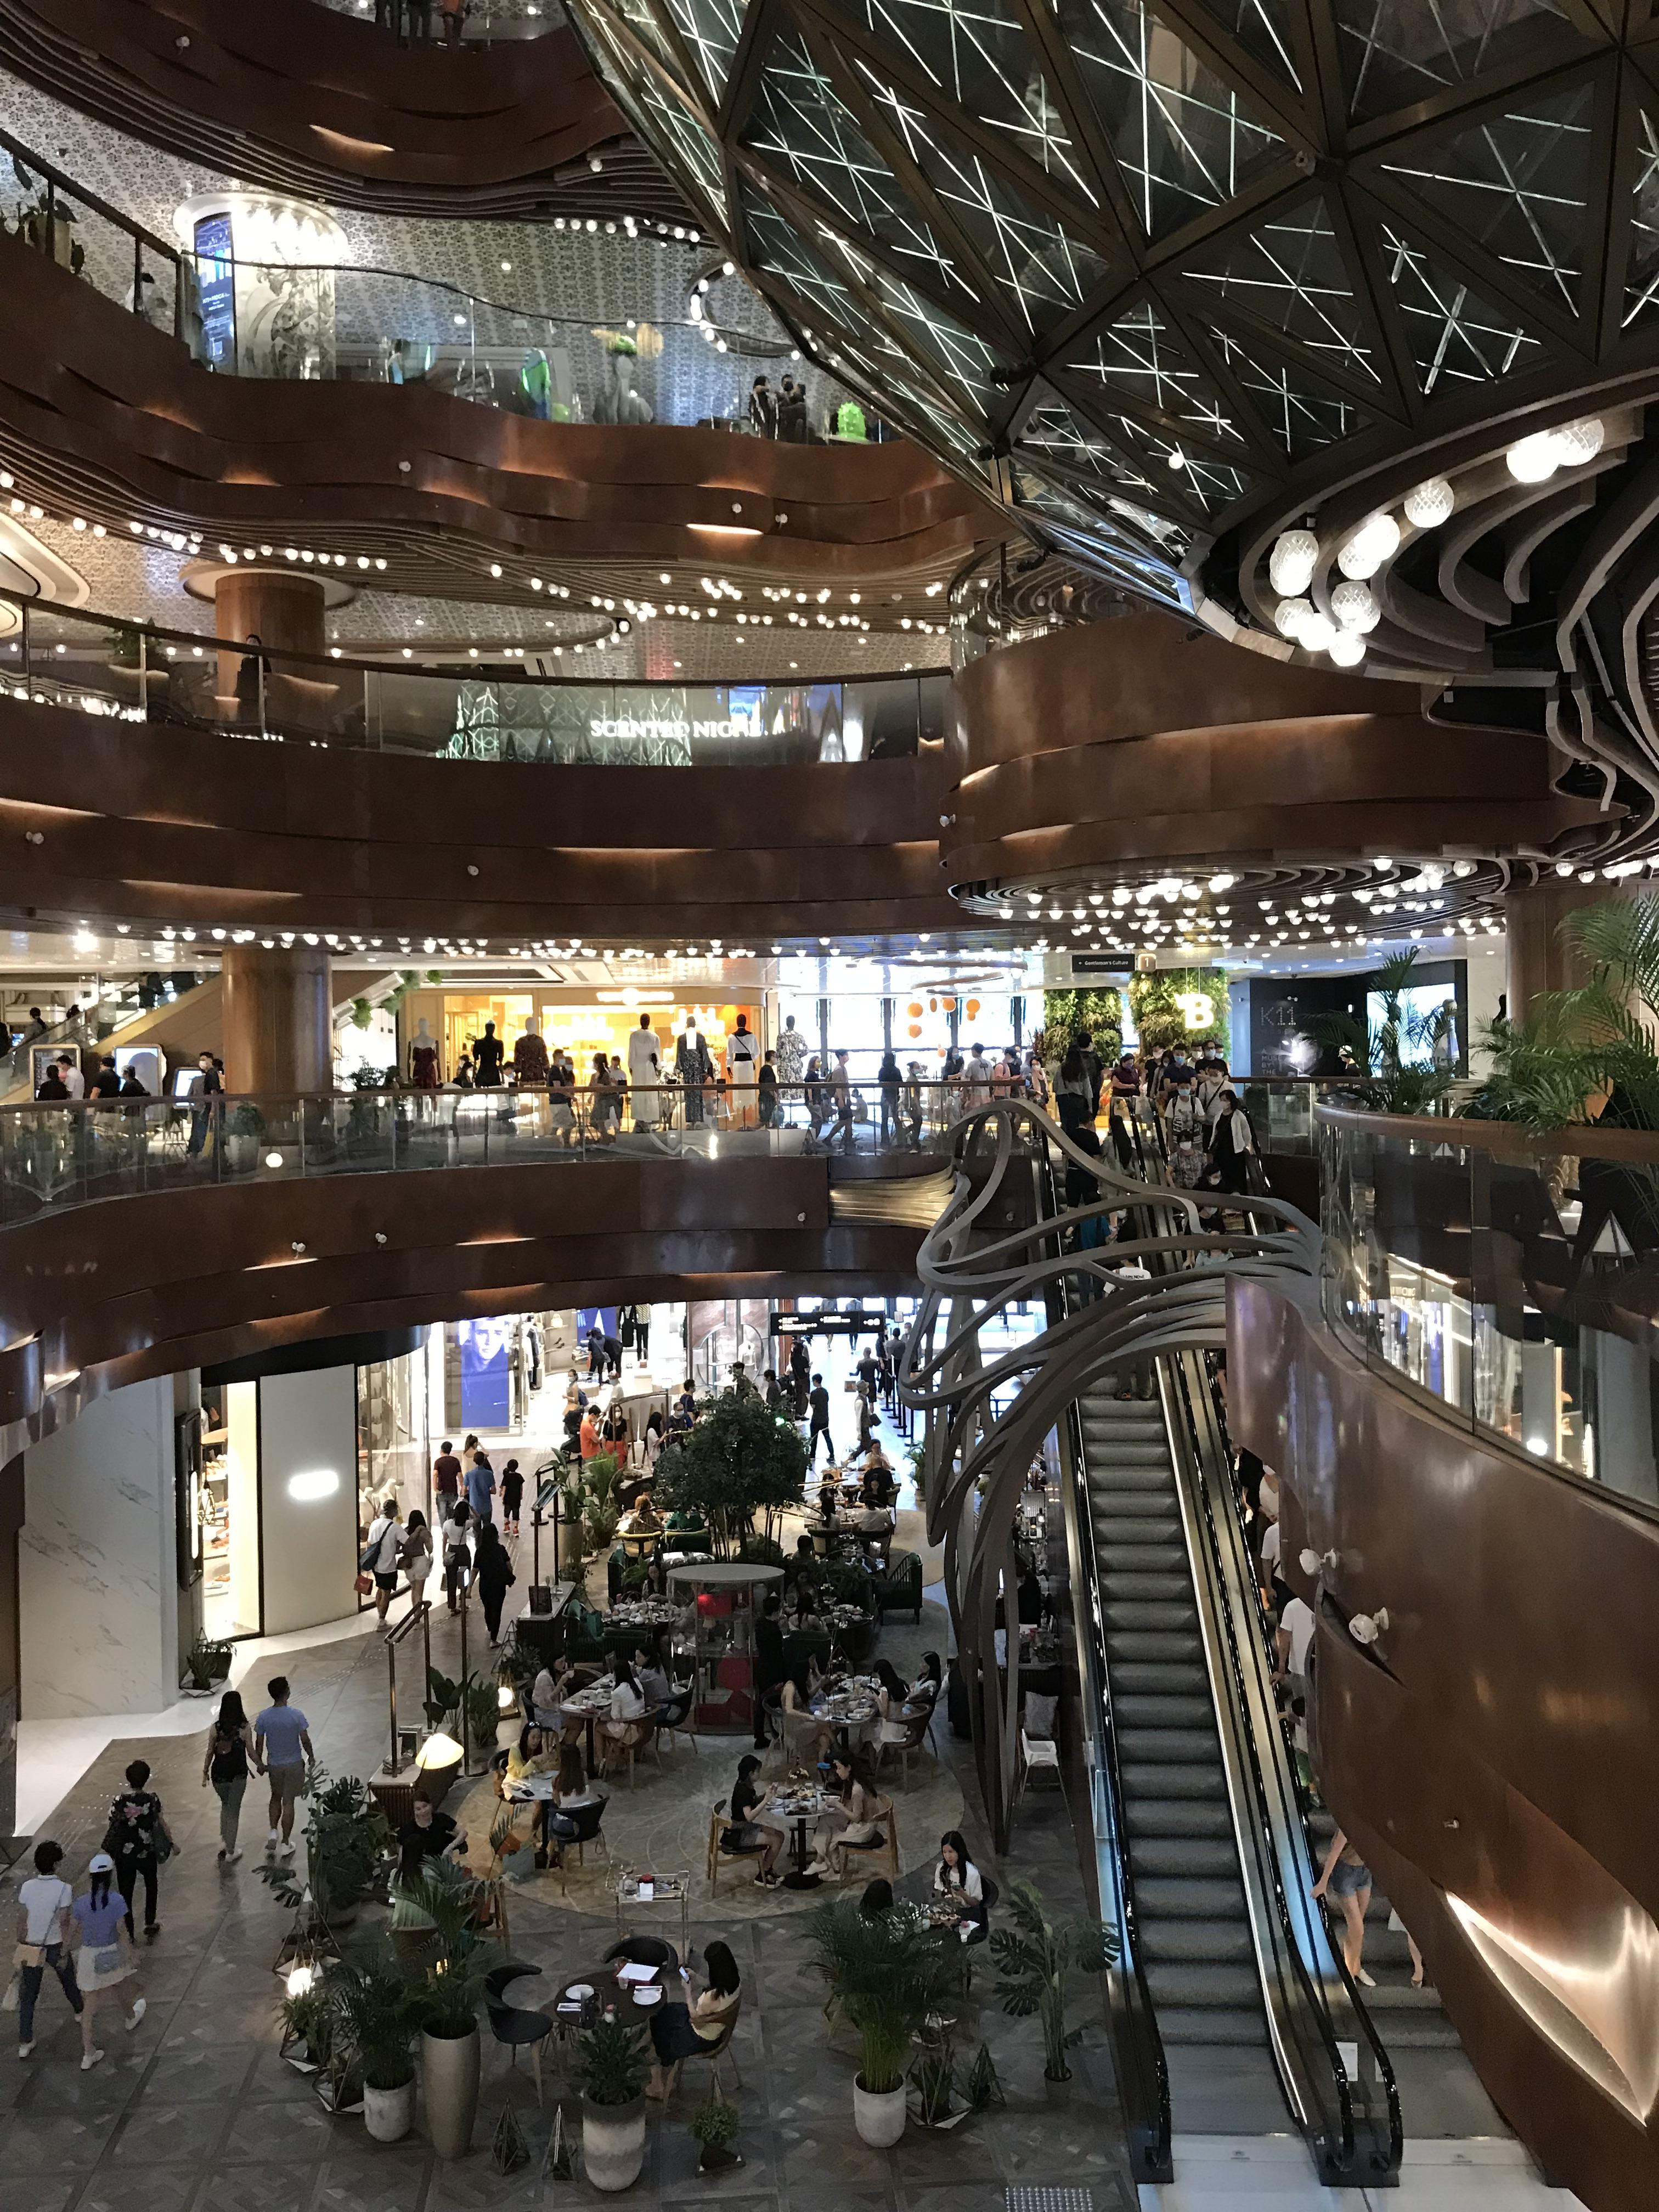 香港尖沙咀維港旁的大型購物中心 K11 Musea中庭